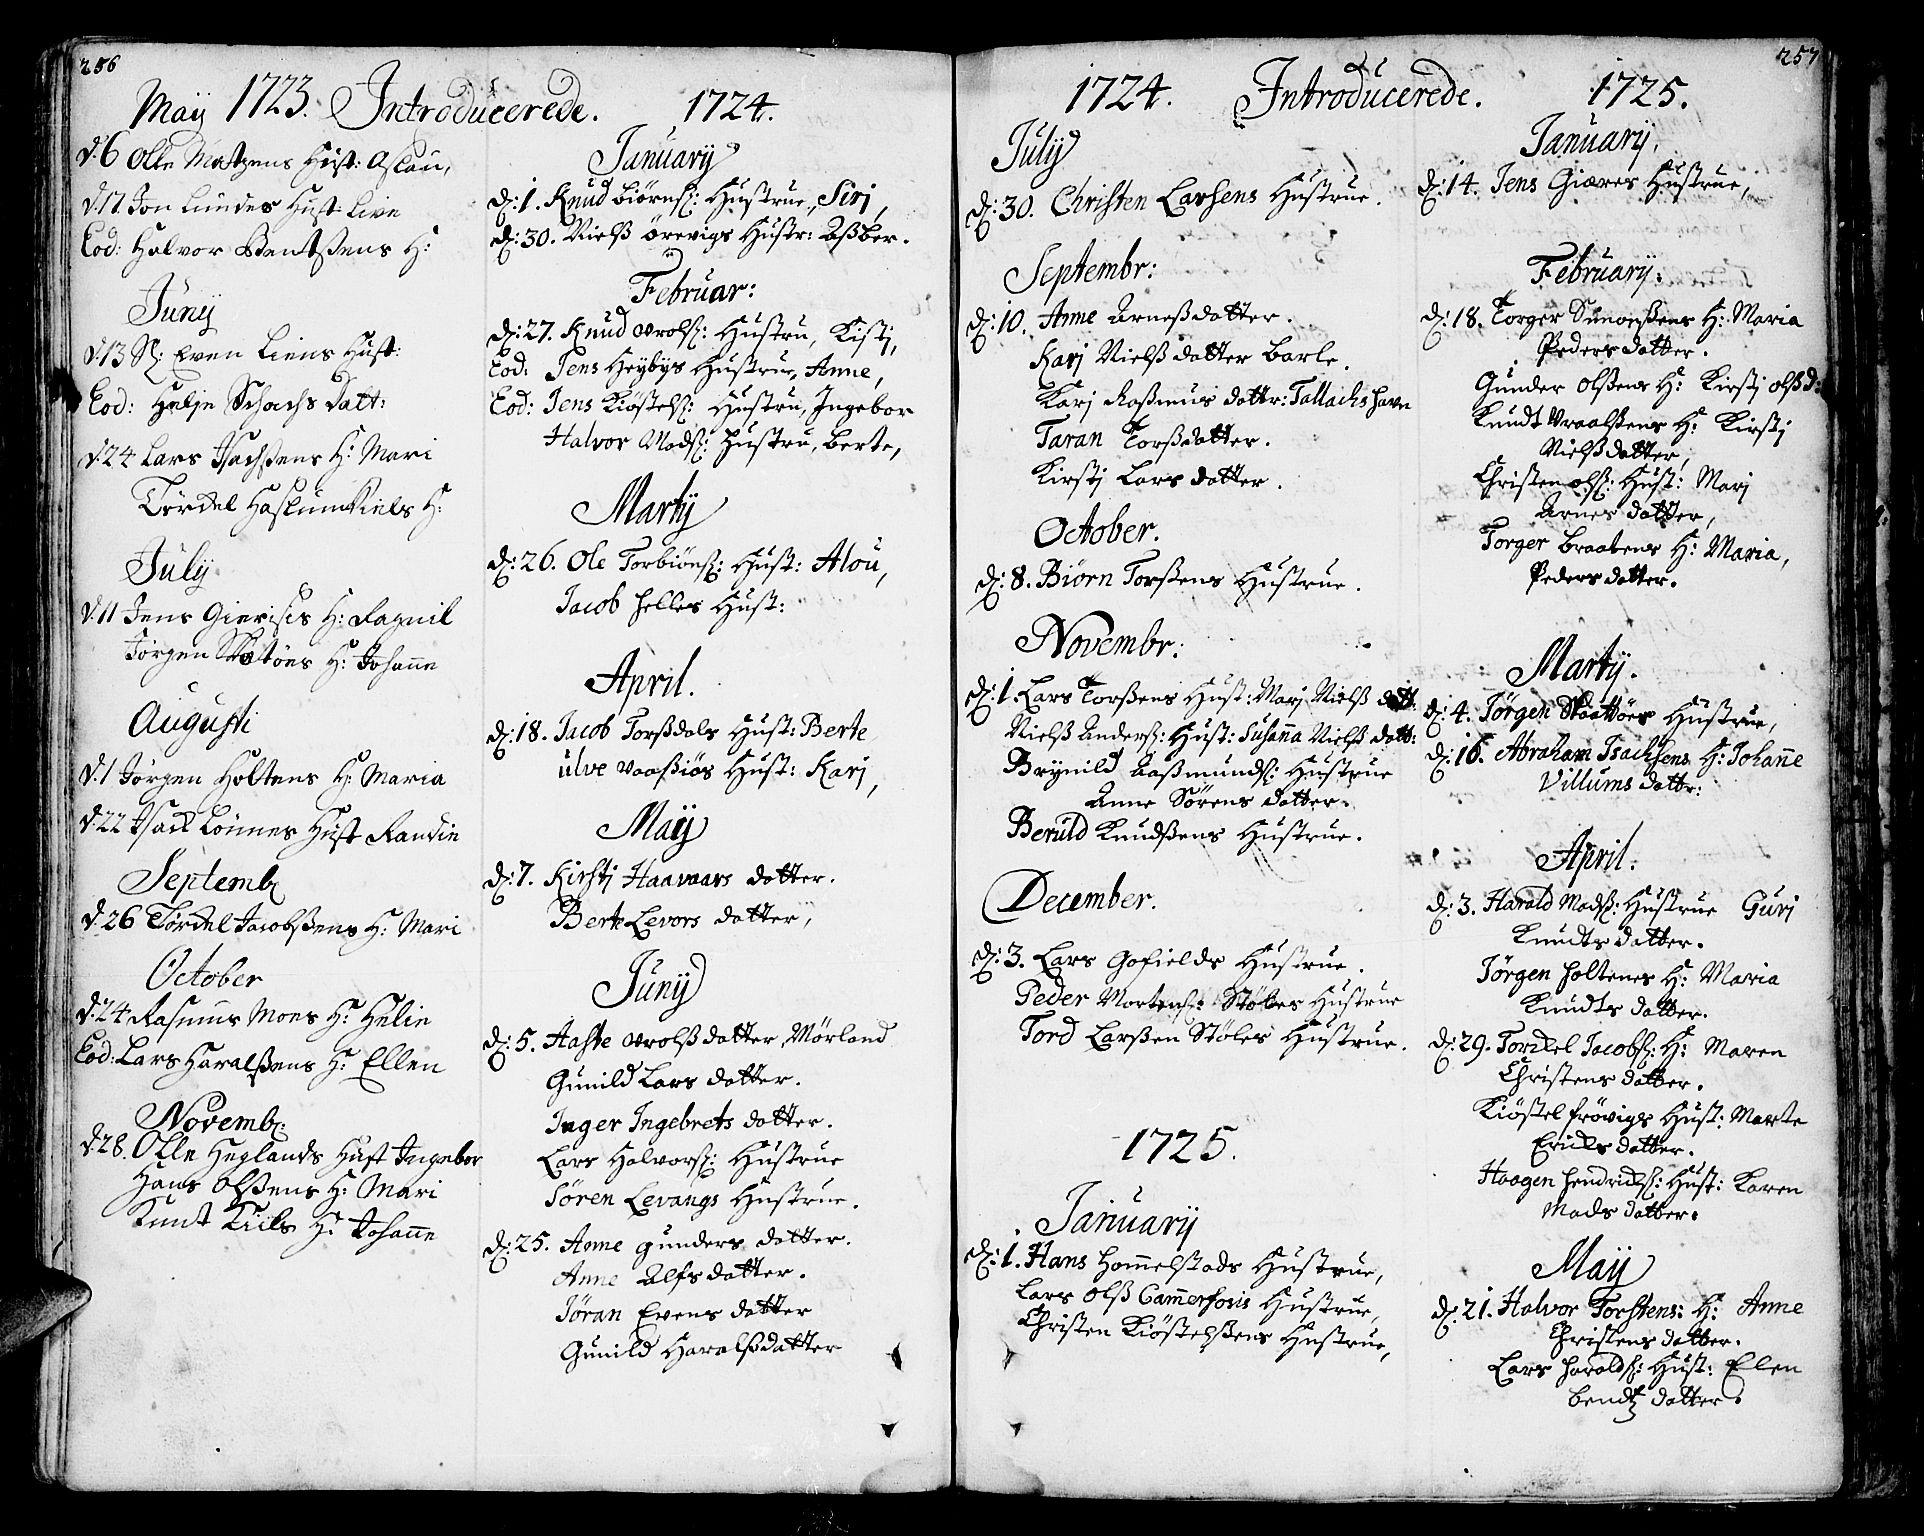 SAKO, Sannidal kirkebøker, F/Fa/L0001: Ministerialbok nr. 1, 1702-1766, s. 256-257